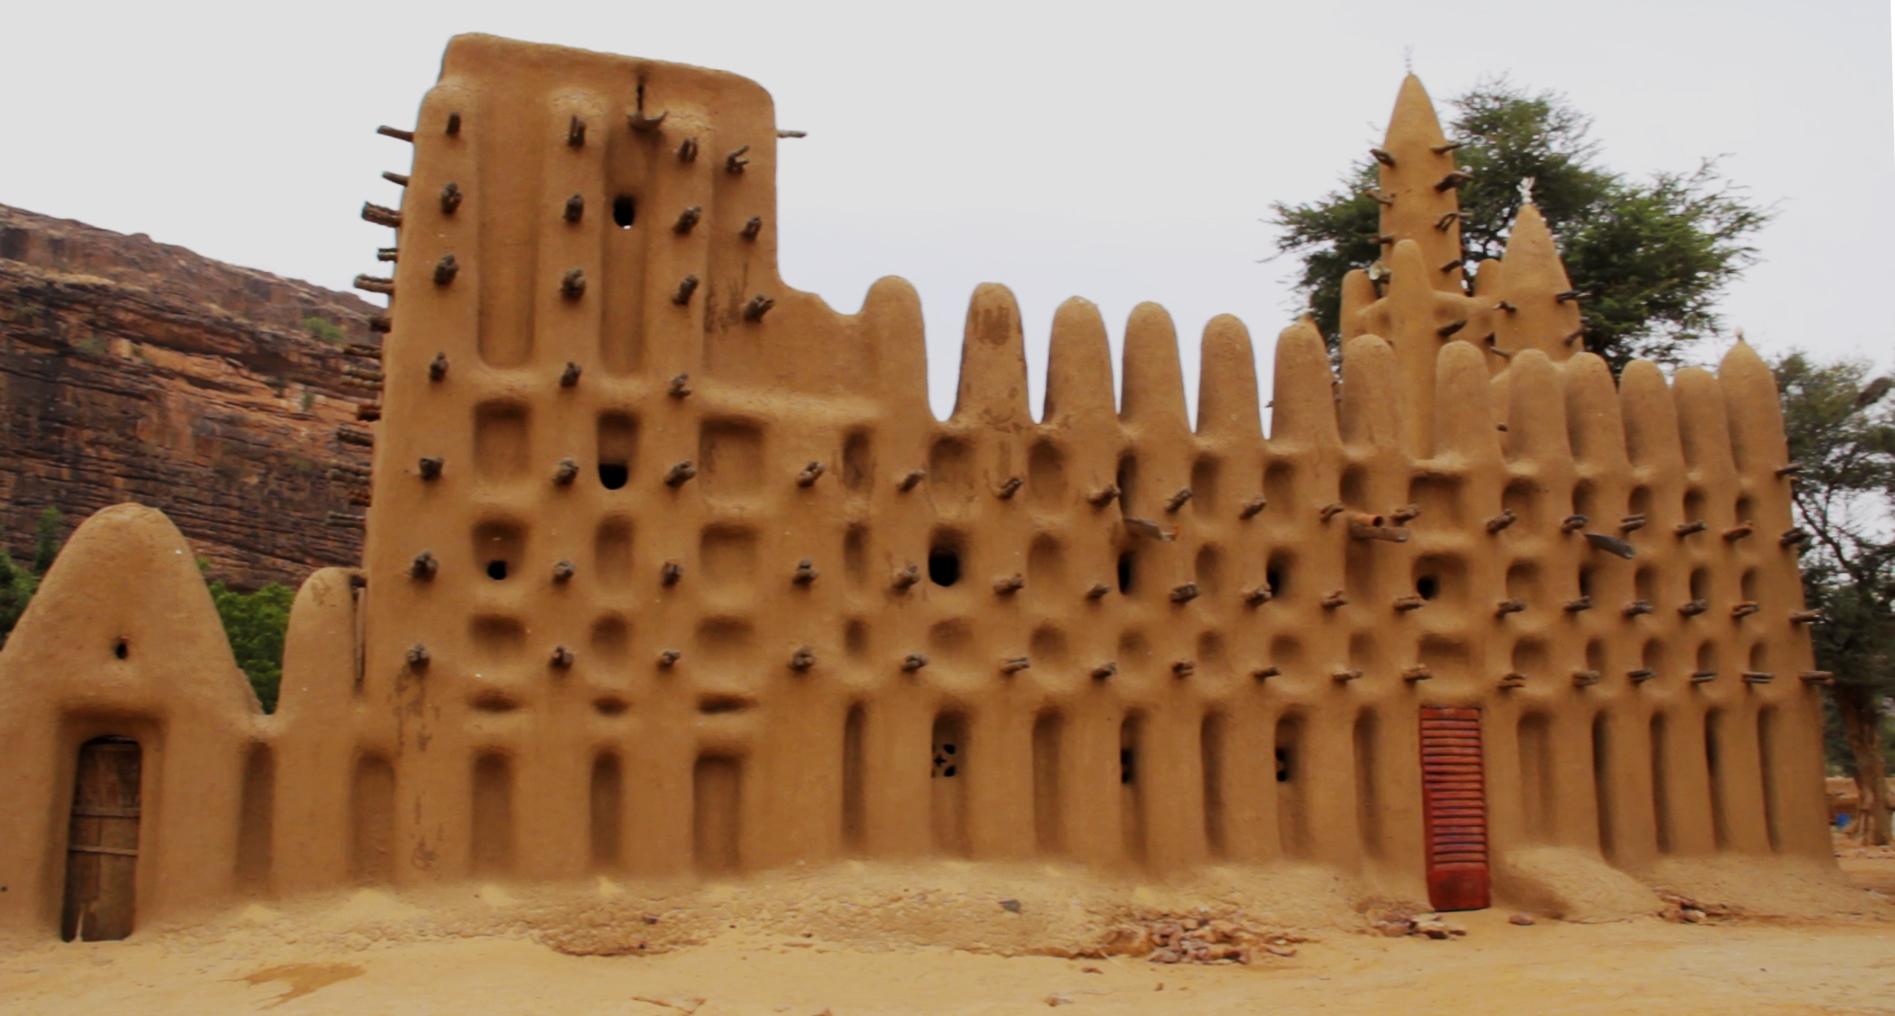 mezquita adobe kanikombole dogon pablocaminante bandido cine - Malí 6, País Dogon III: Falla de Bandiagara